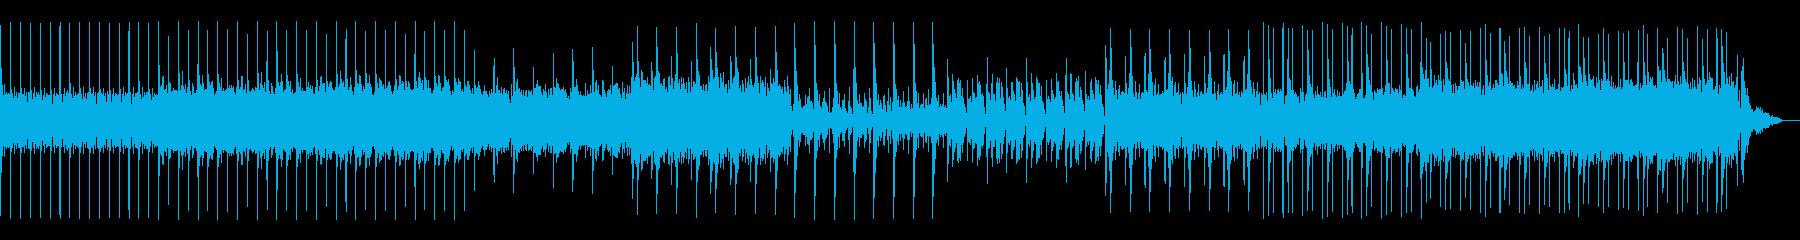 サイバーパンクテクノ・機械音・ミディアムの再生済みの波形